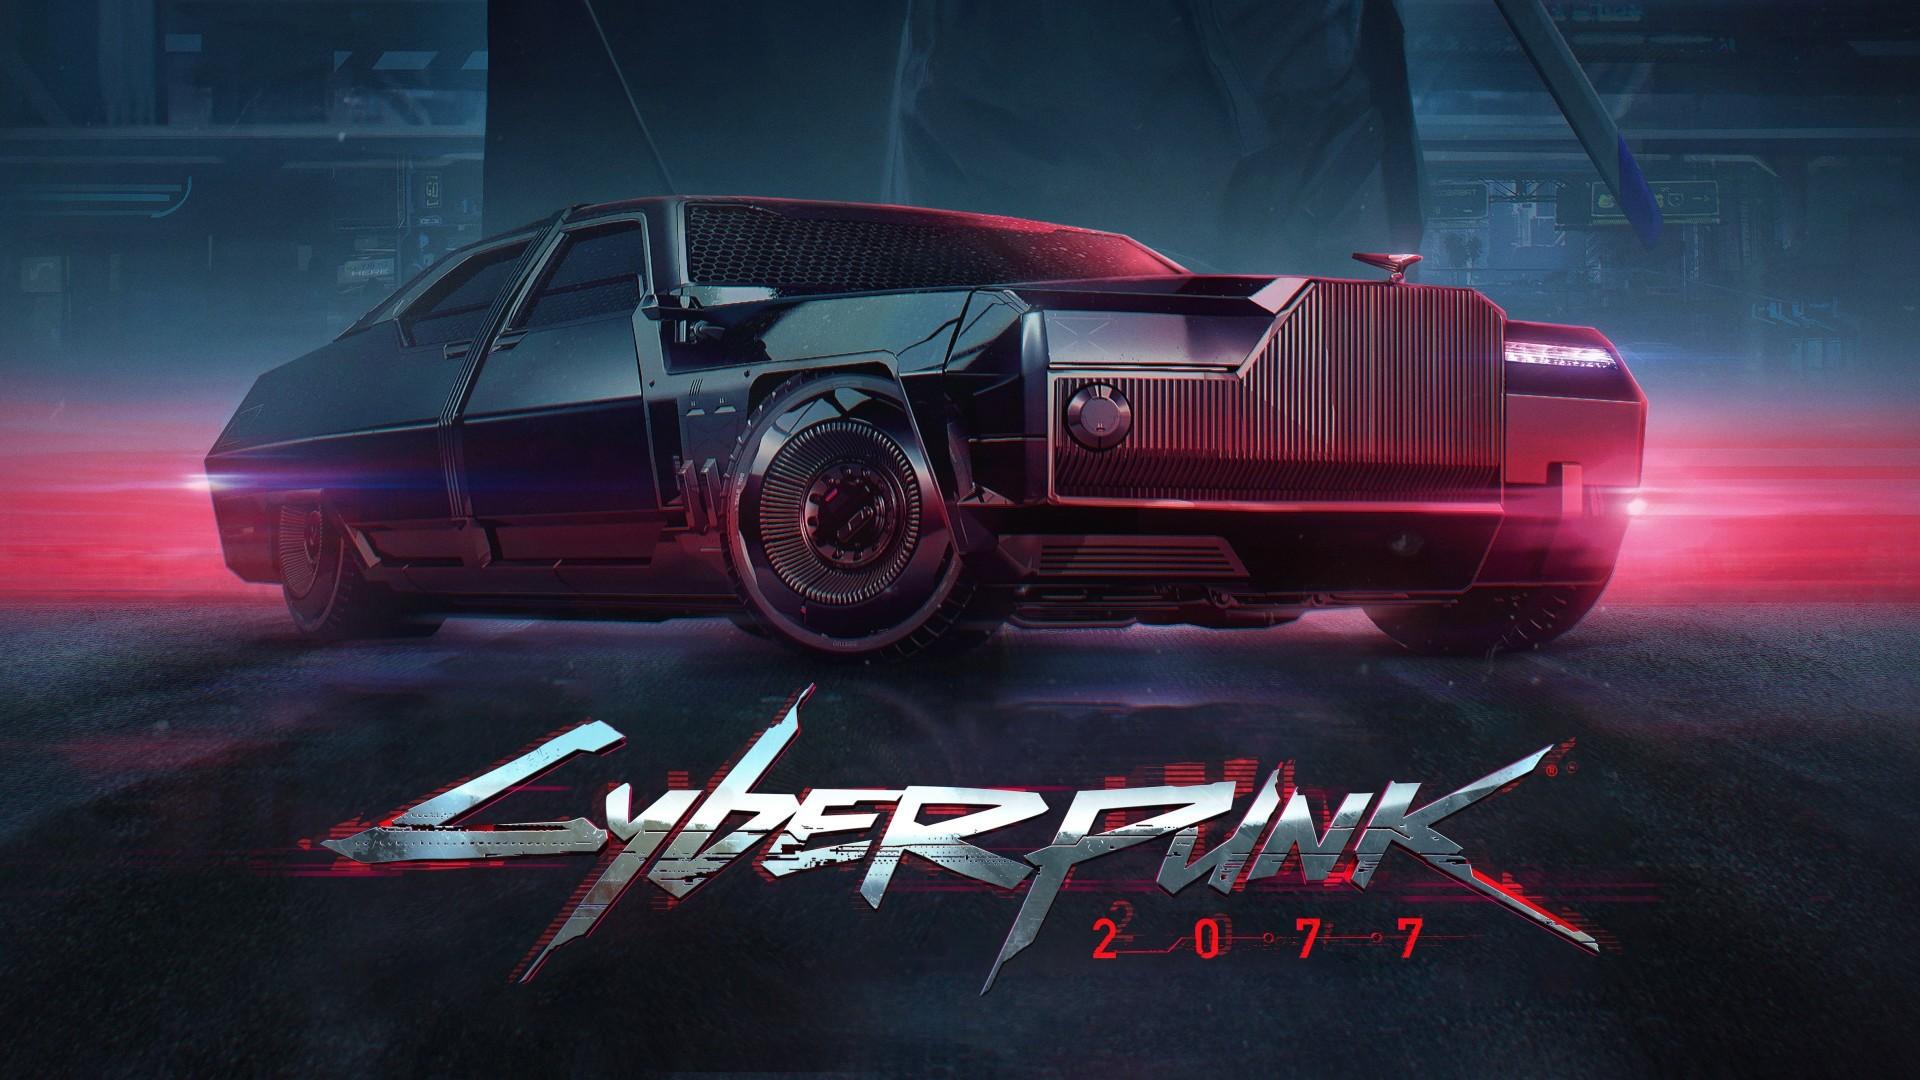 Cyberpunk 2077 Poster Wallpaper